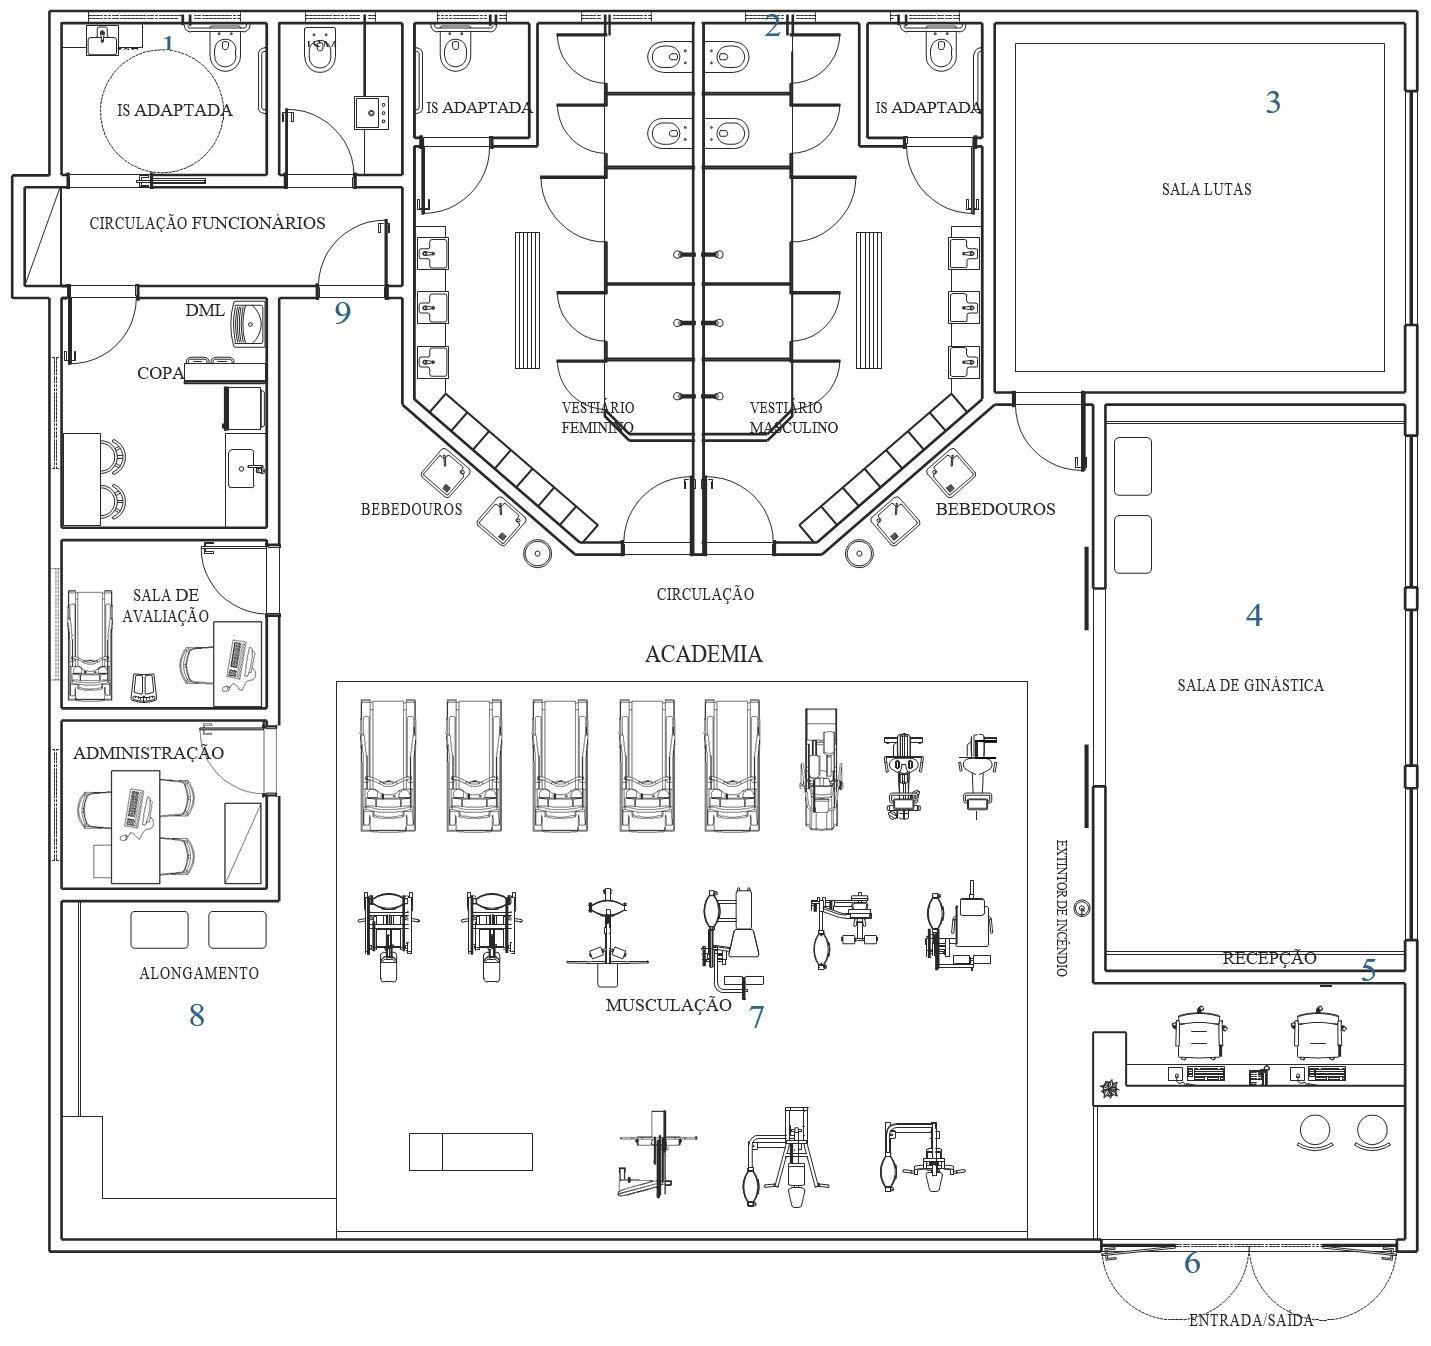 Layout De Academia De Ginastica Academias De Ginastica Projeto De Academia Em Casa Arquitetura De Academia